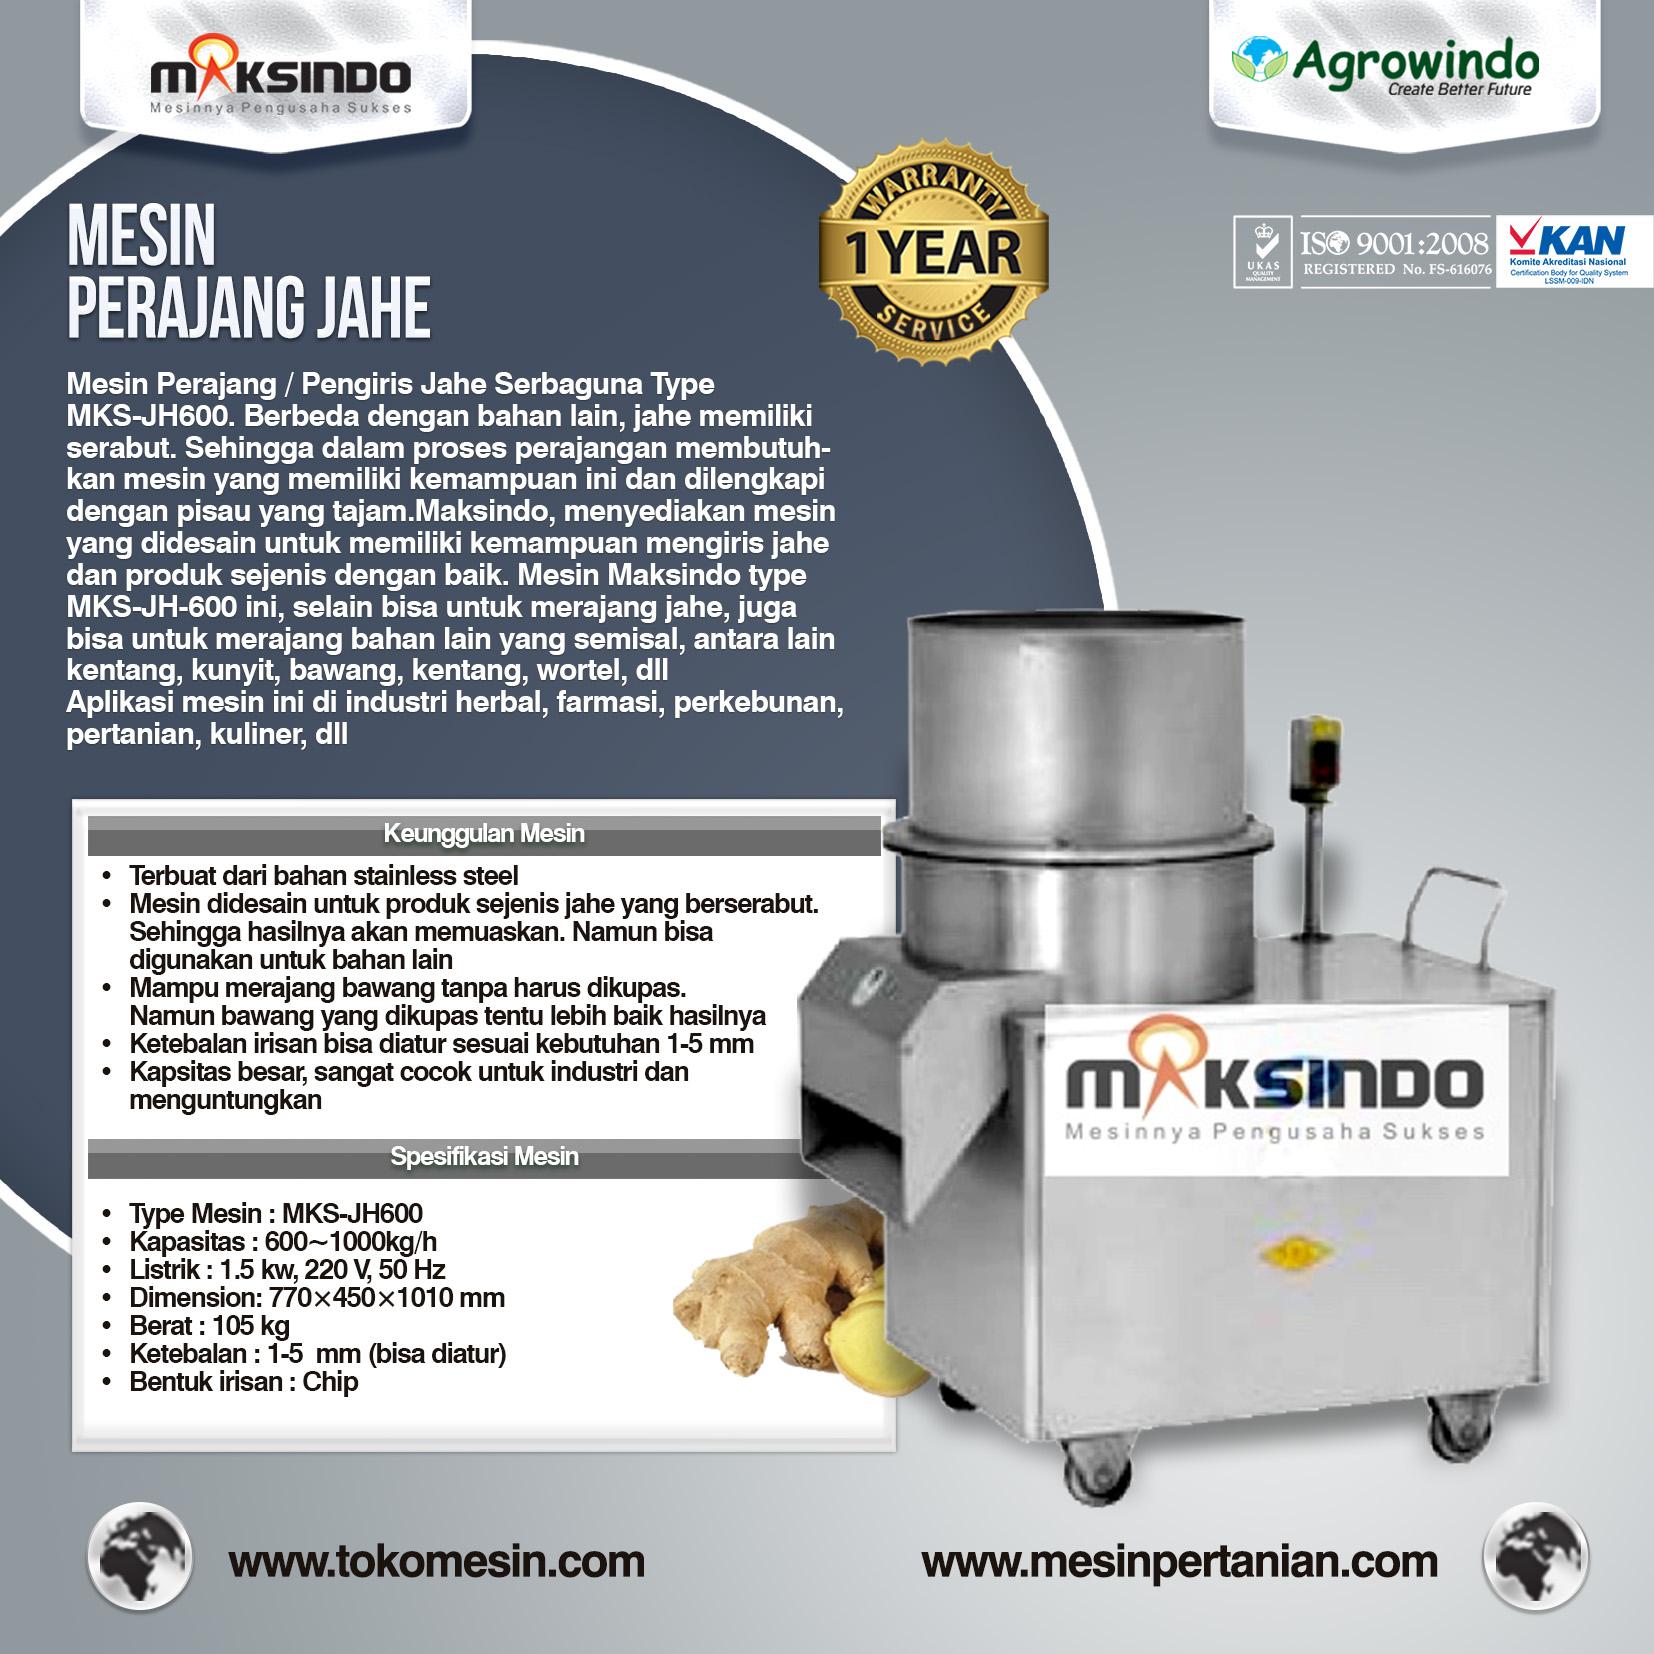 Mesin Perajang Jahe Kapasitas 600 Kg – 1 Ton MKS-JH600